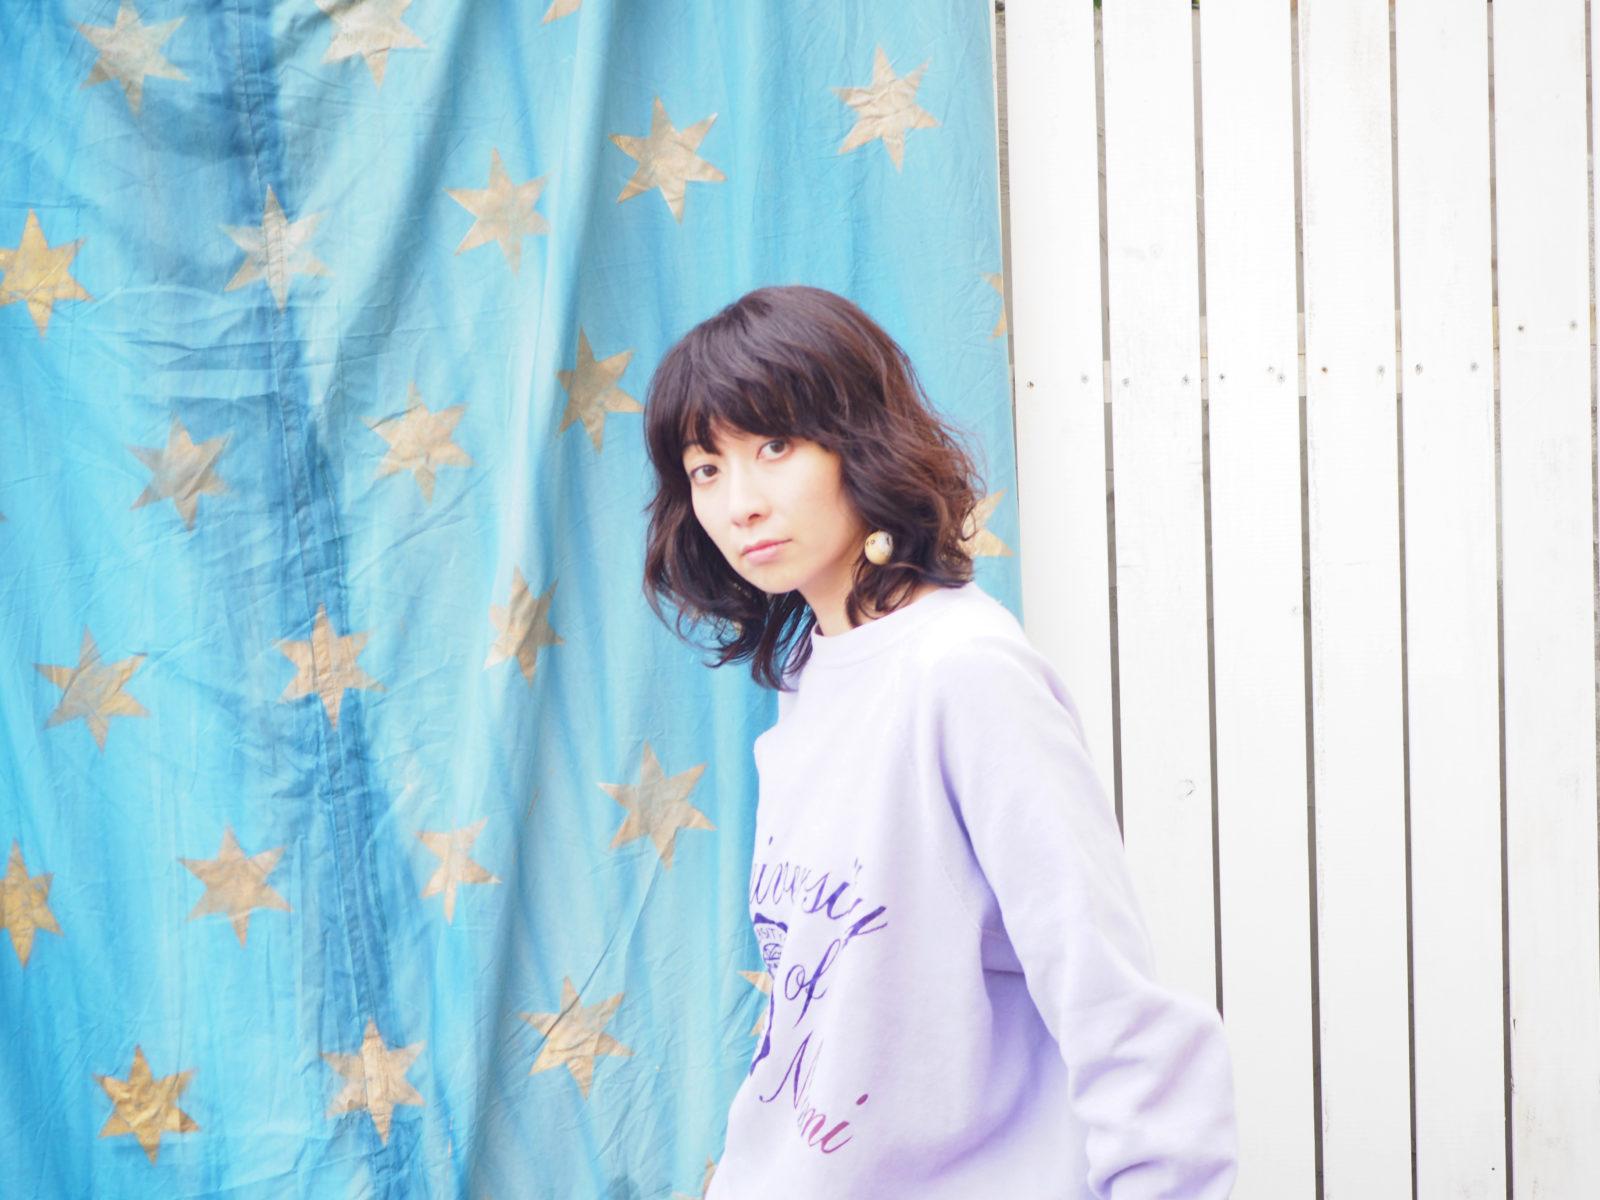 持田香織、ドラマ主題歌「まだスイミー」の配信リリースが決定サムネイル画像